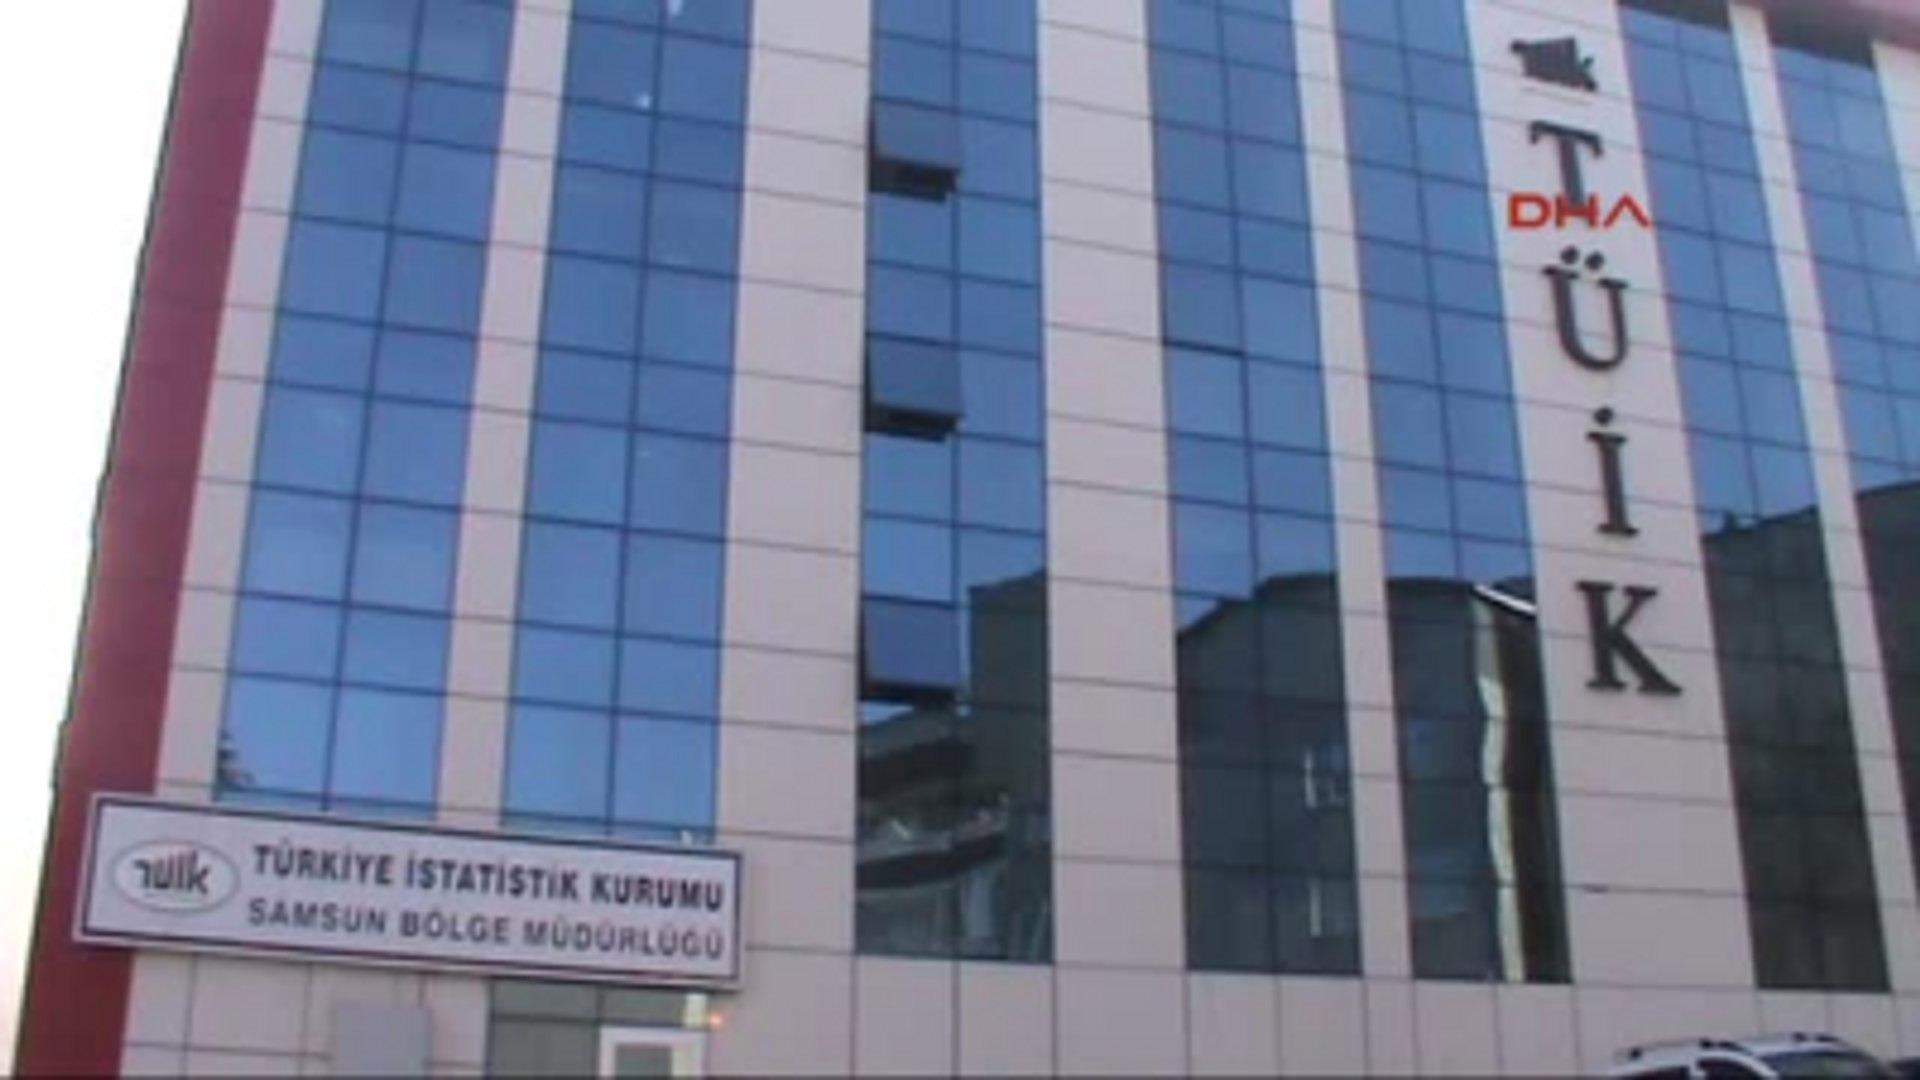 Türkiye İstatistik Kurumu Samsun Bölge Müdürlüğü